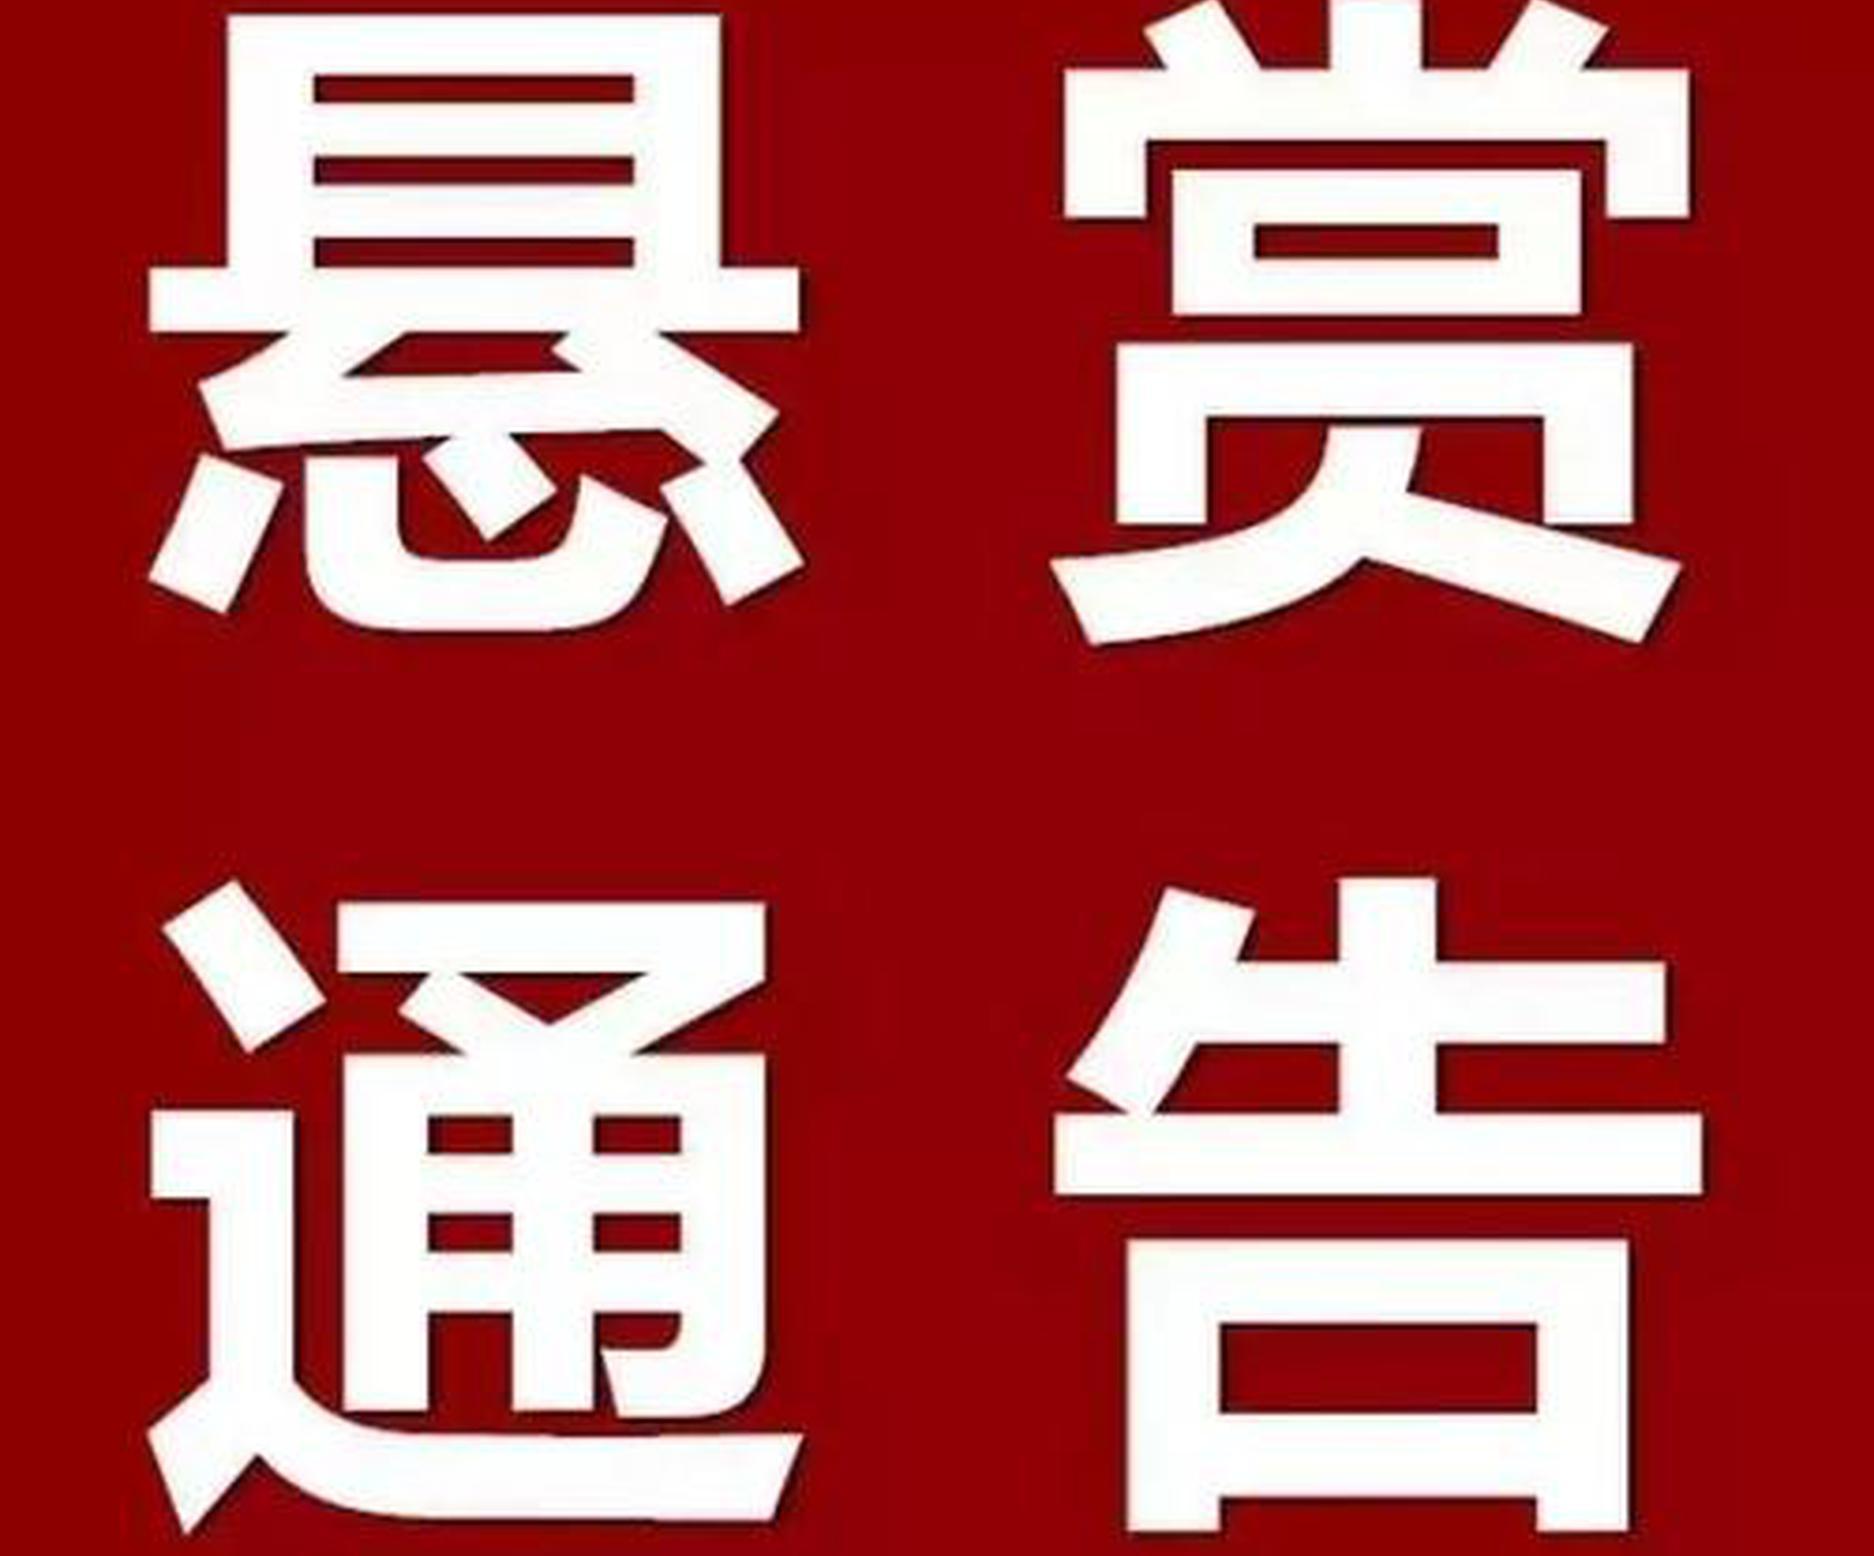 广西河池突发重大刑事案件 警方悬赏20000元缉拿此人